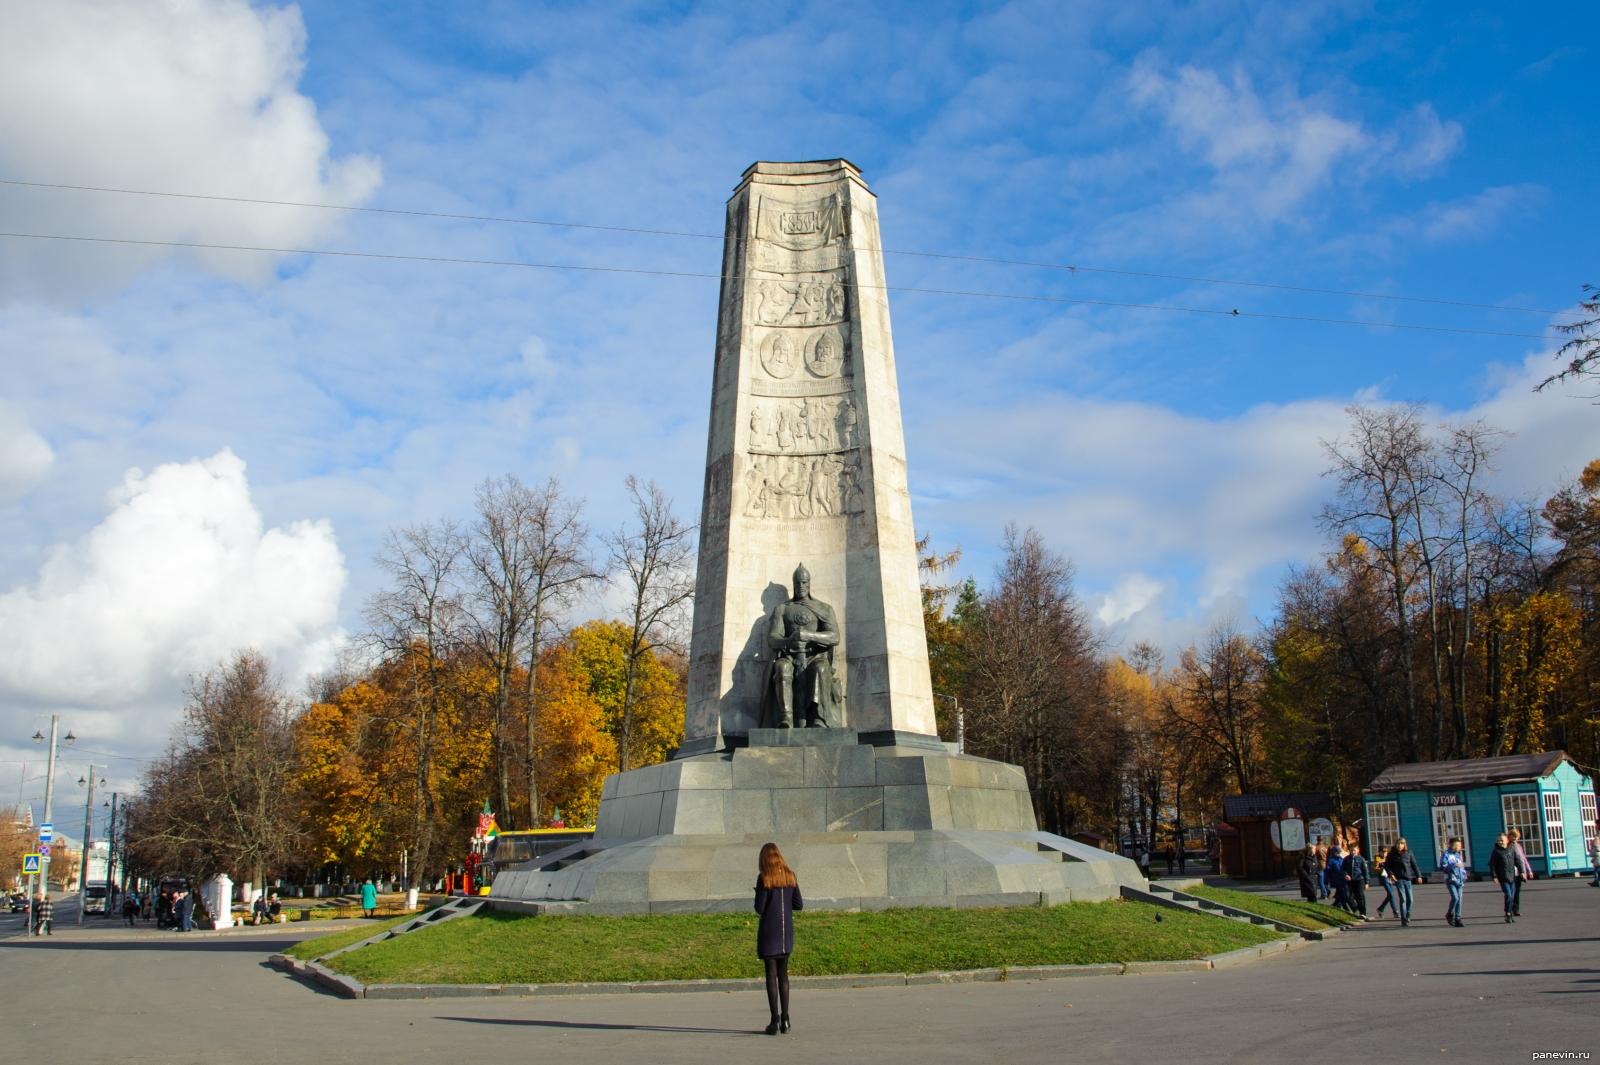 Монумент в честь 850-летия основания г.Владимира (Владимир)